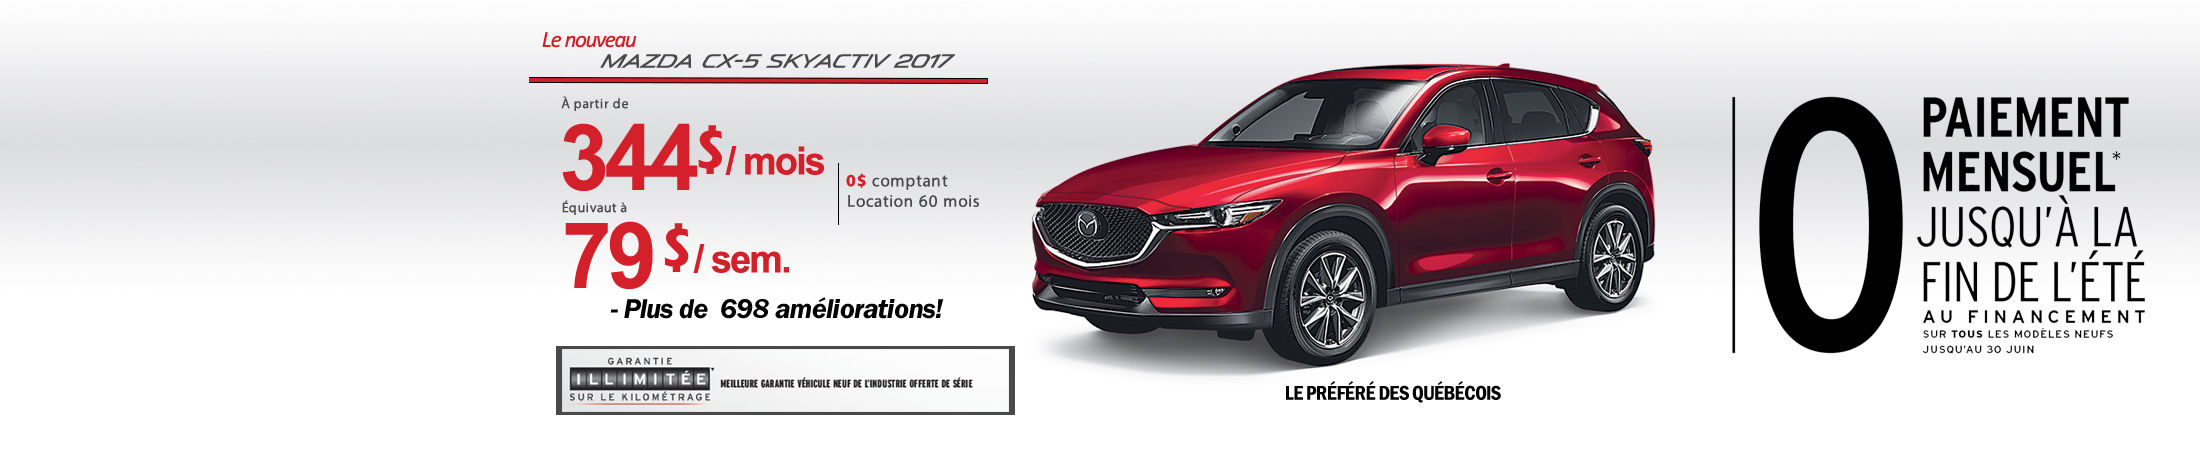 Mazda CX-5 2017 Banniere